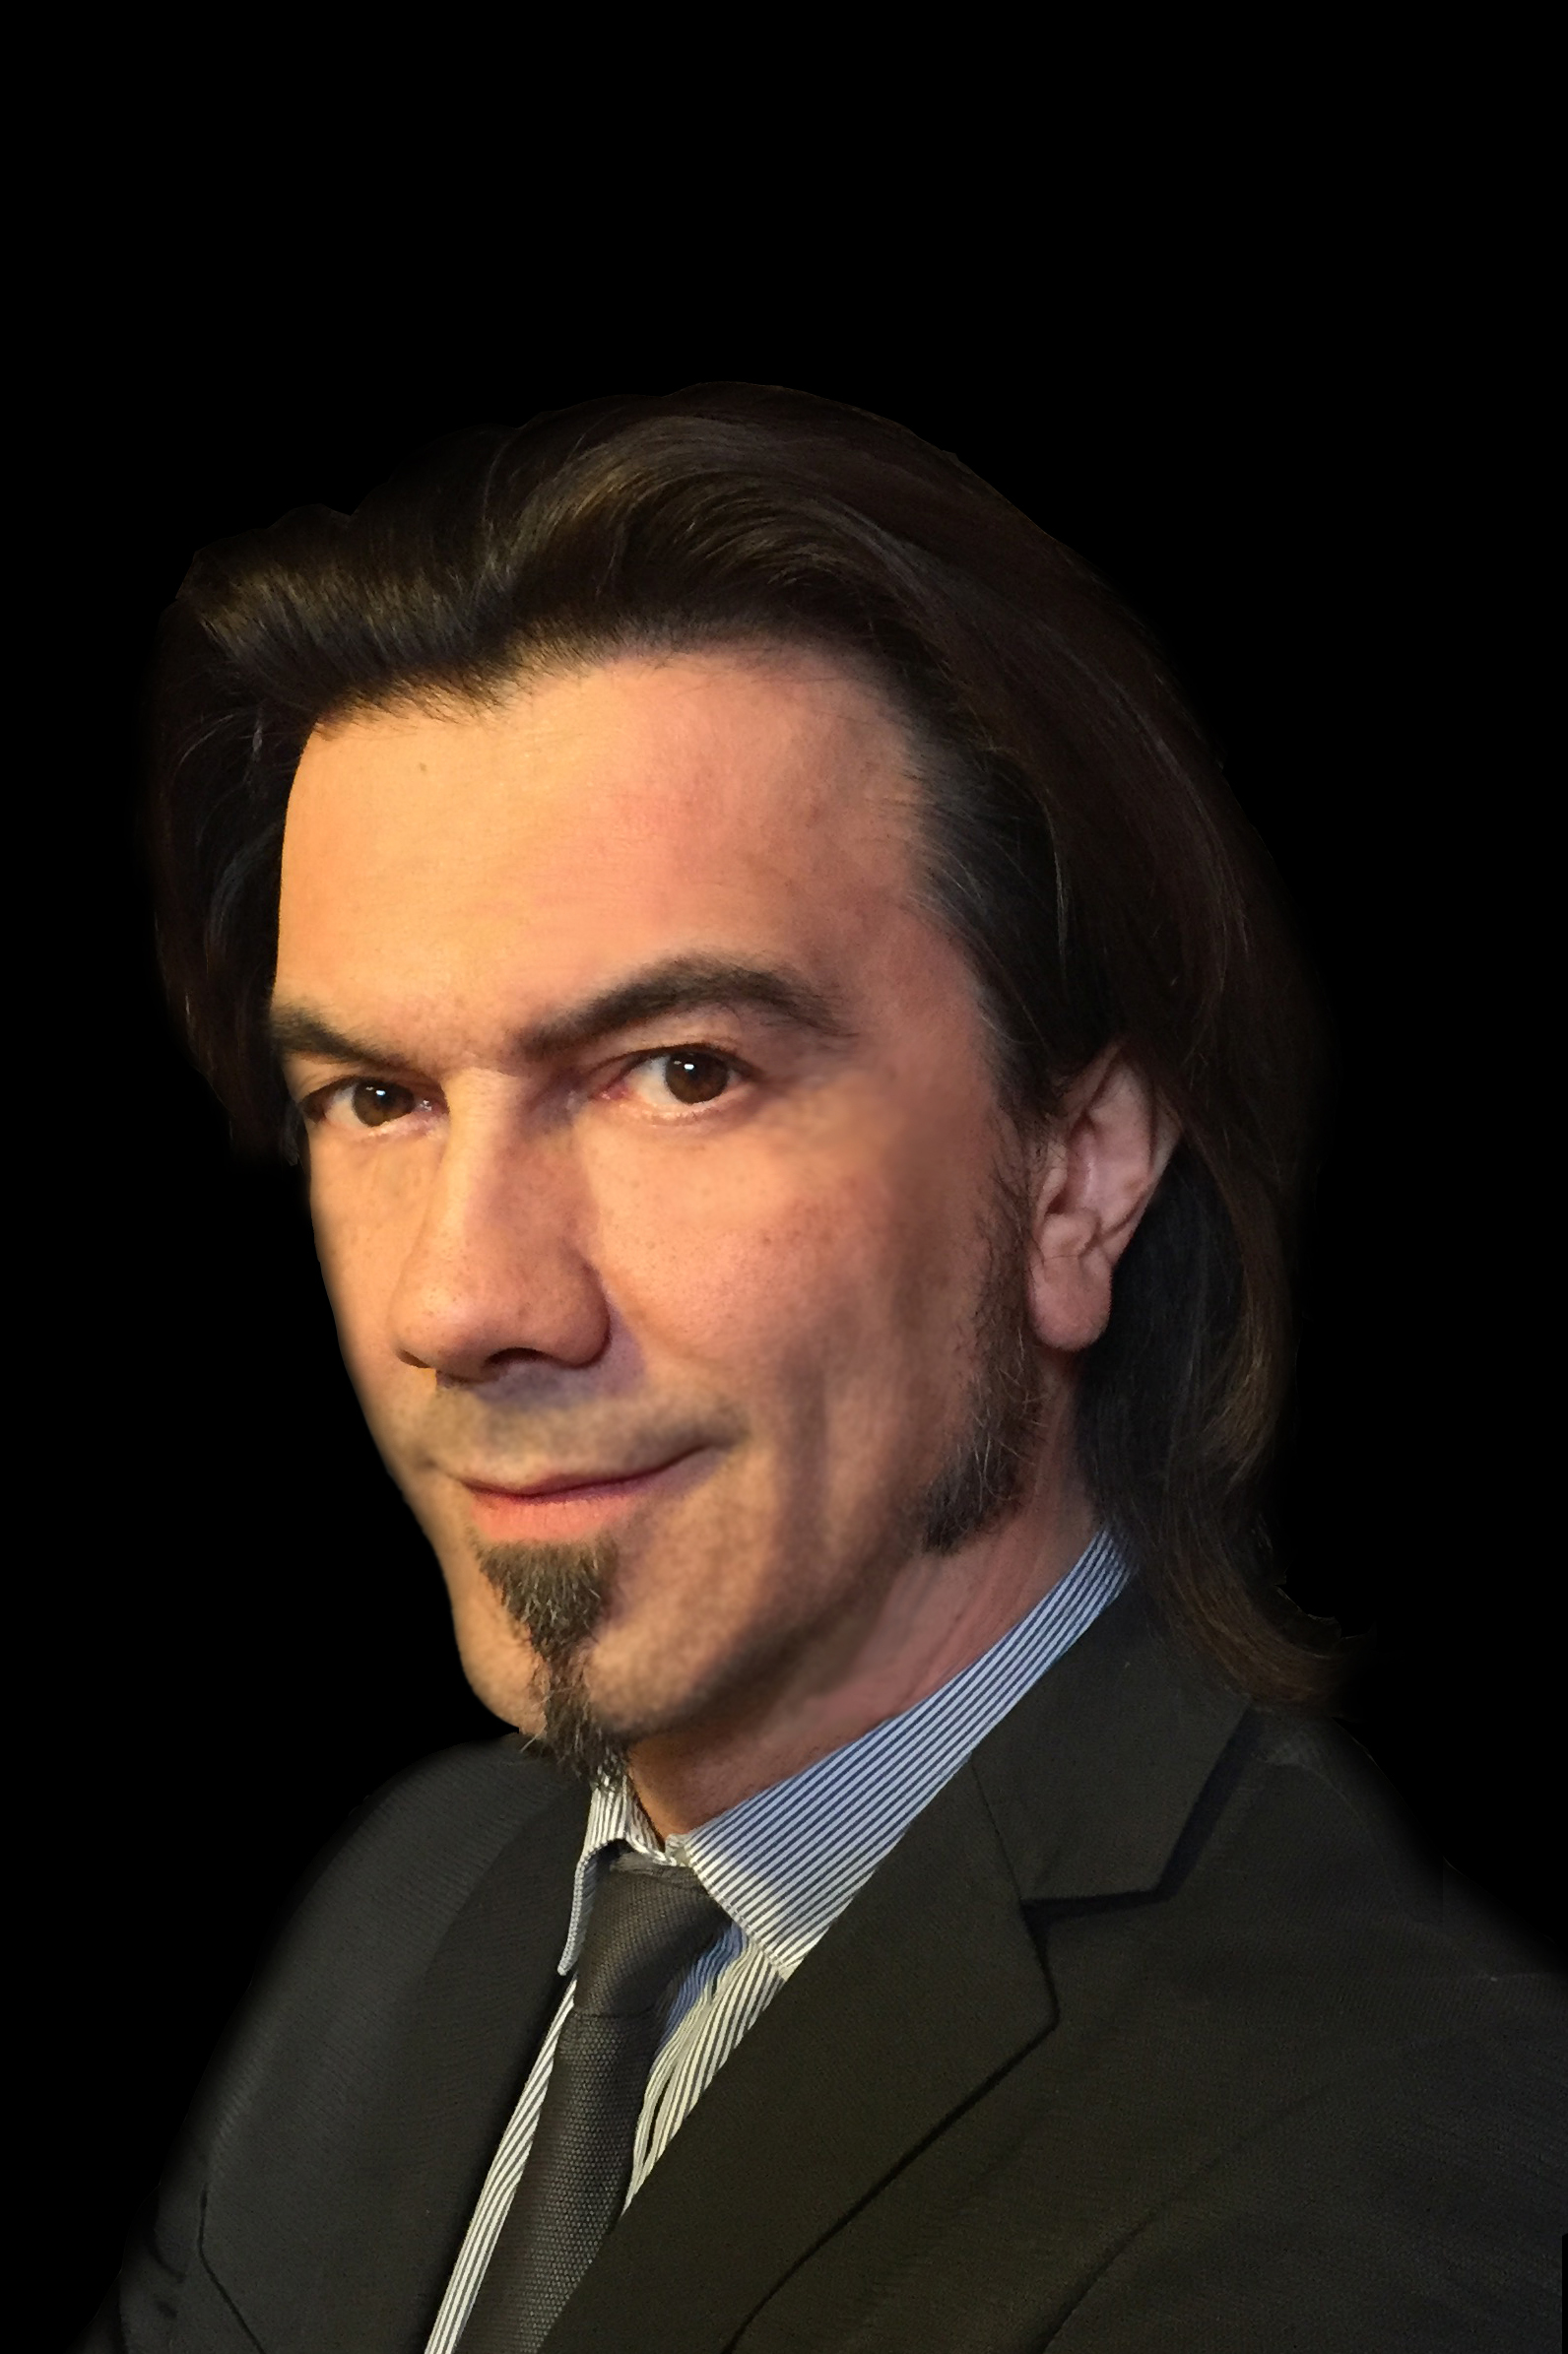 Gianluigi Cavallo